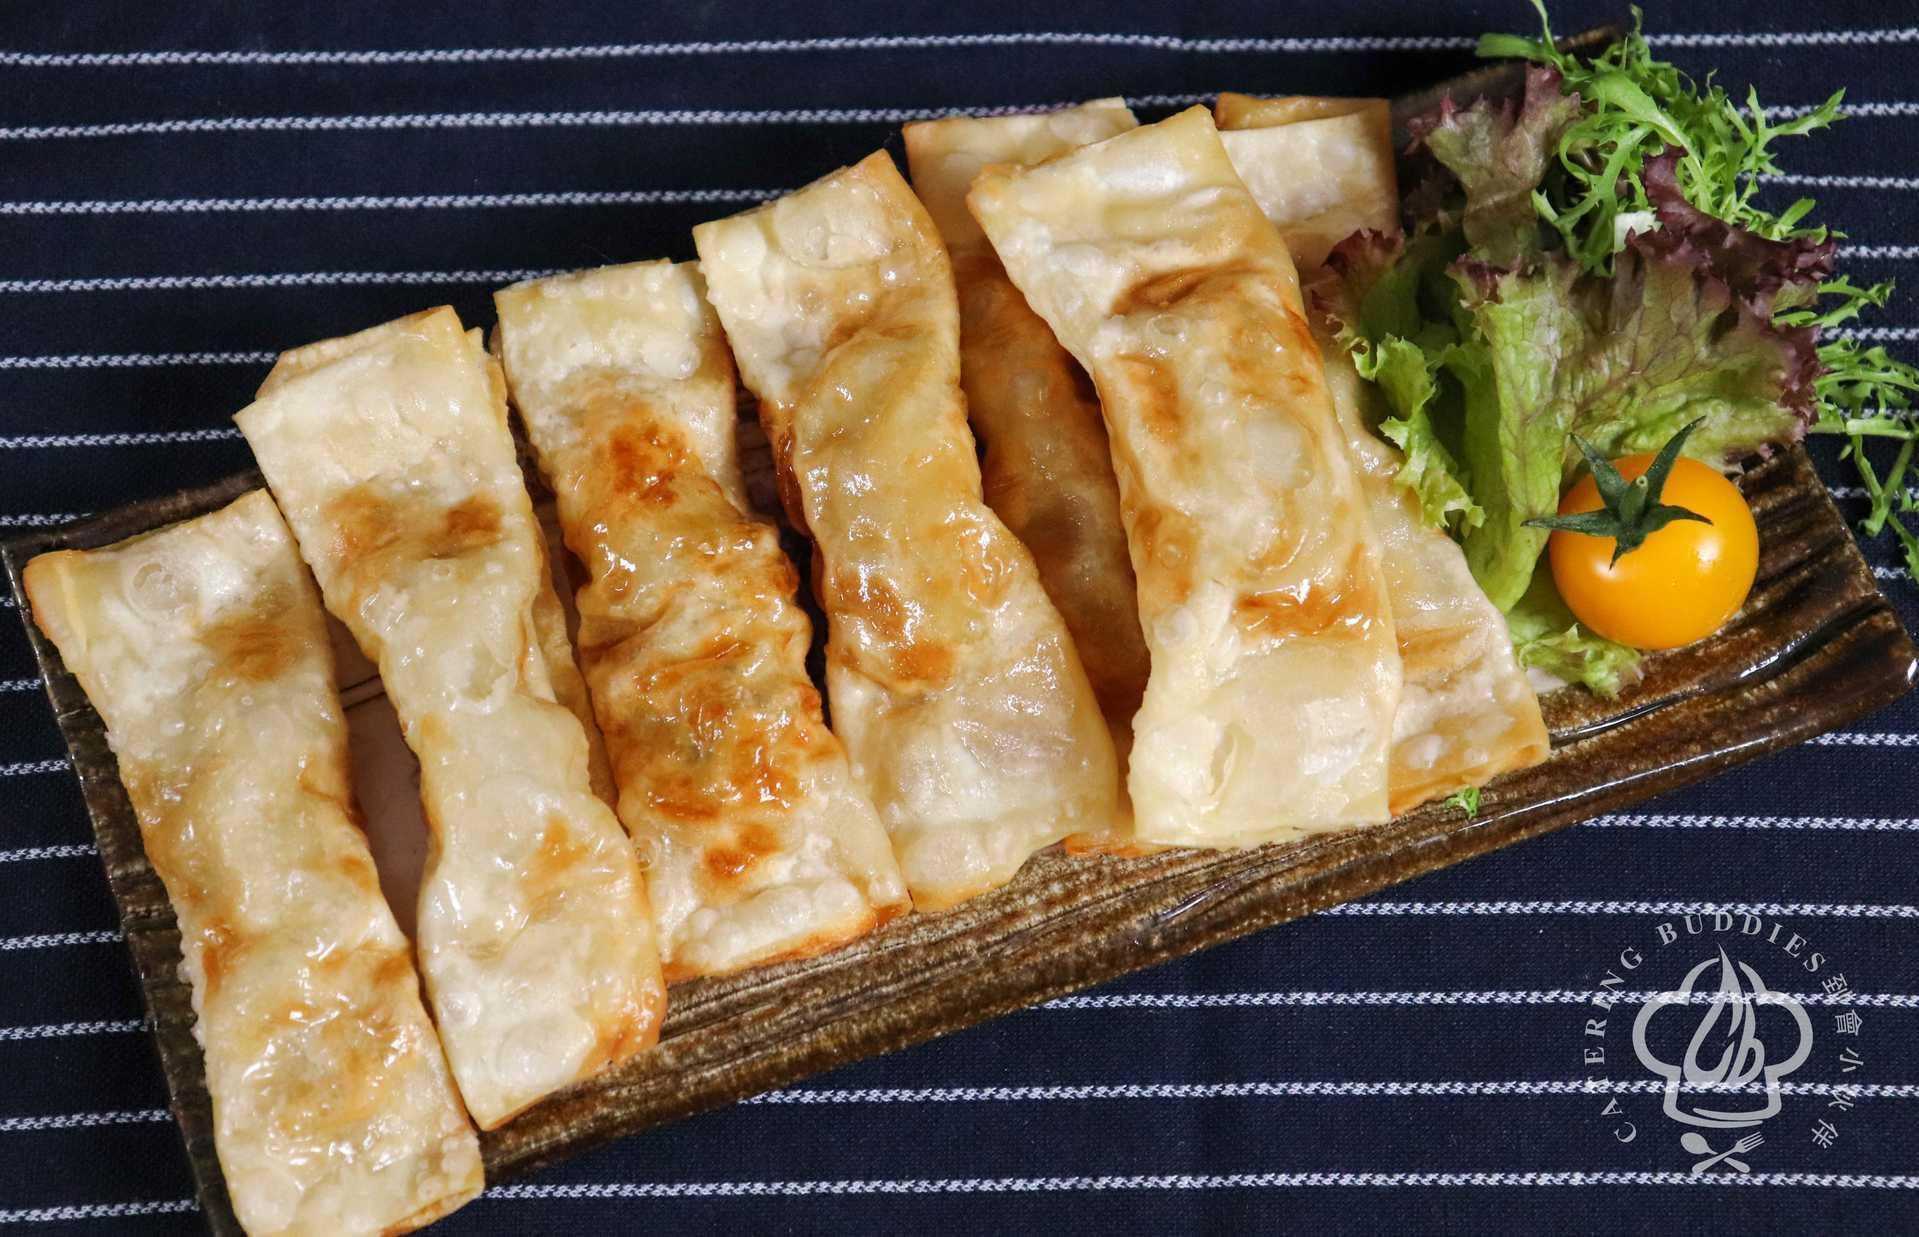 日式豚肉棒棒餃(15件)